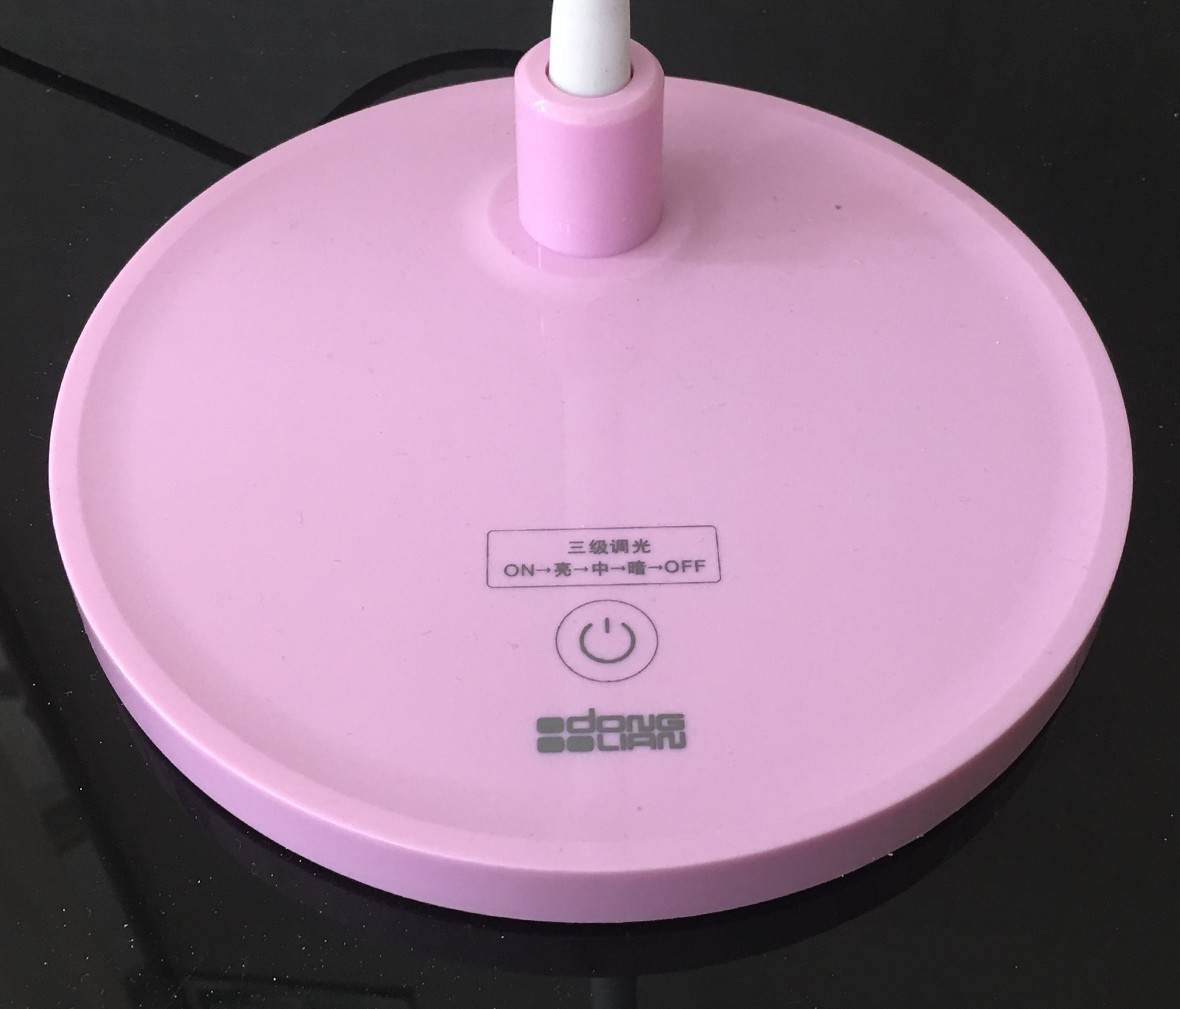 阿尼玛 LED021型号粉色小台灯 三档调节 现代时尚 细节展示